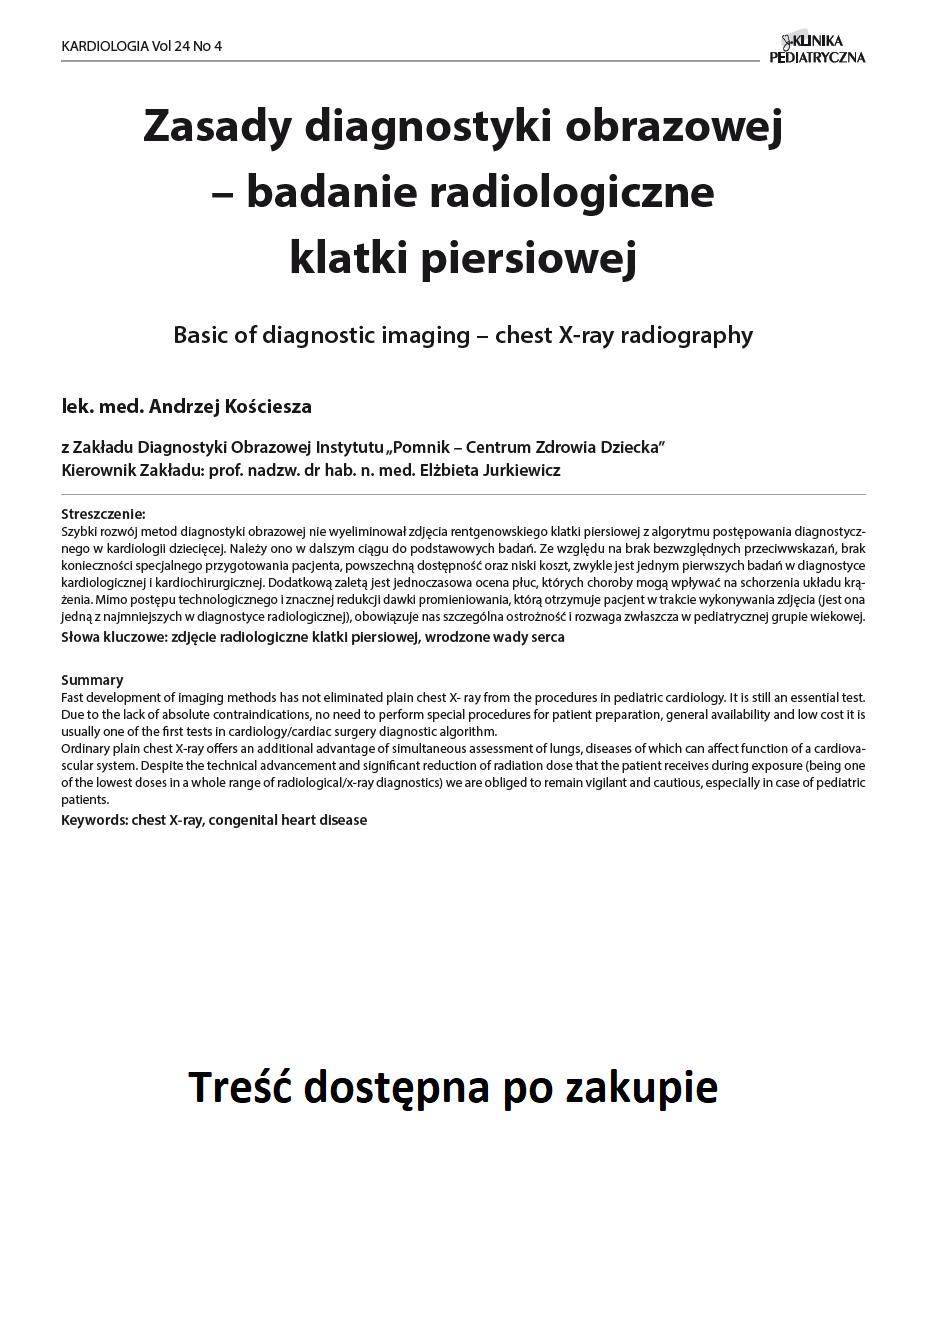 KP 4 -2016- Zasady diagnostyki obrazowej – badanie radiologiczne klatki piersiowej